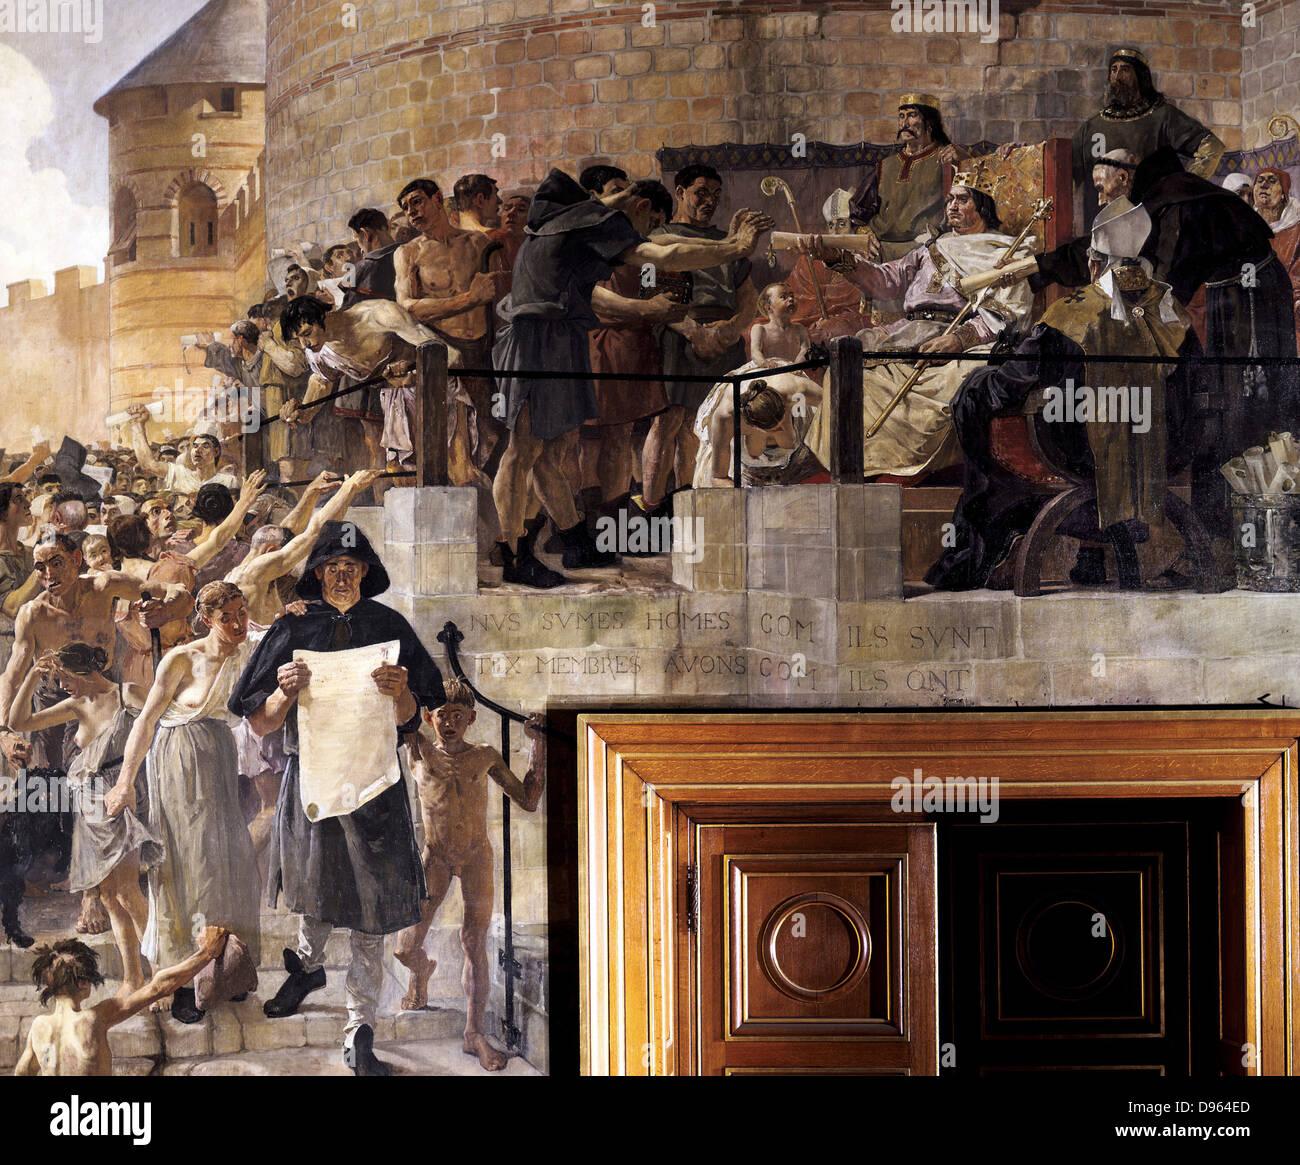 """Luis VI el Gordo (1081-1137), rey de Francia de 1108, concediendo a los ciudadanos de París su primera carta"""". Jean Paul Laurens (1838-1921) francés. Hôtel-Dieu de París. Foto de stock"""